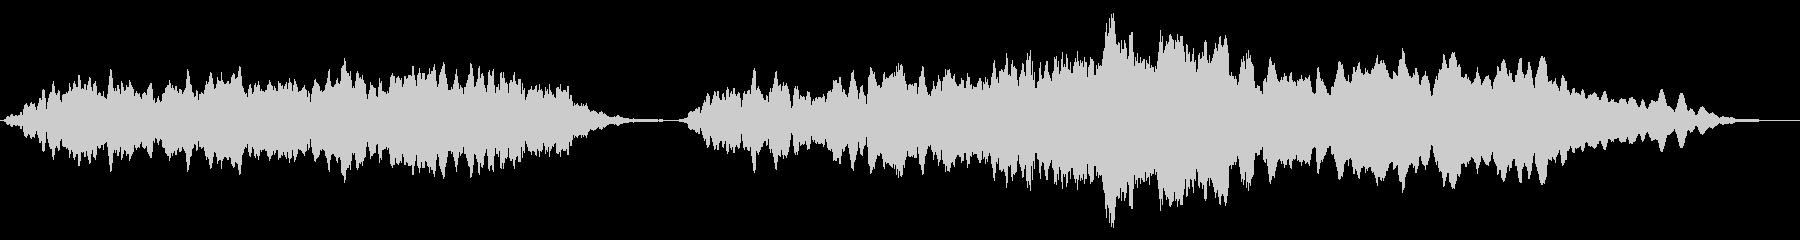 オーケストラ音楽ベッド:ドラマ:光の光線の未再生の波形